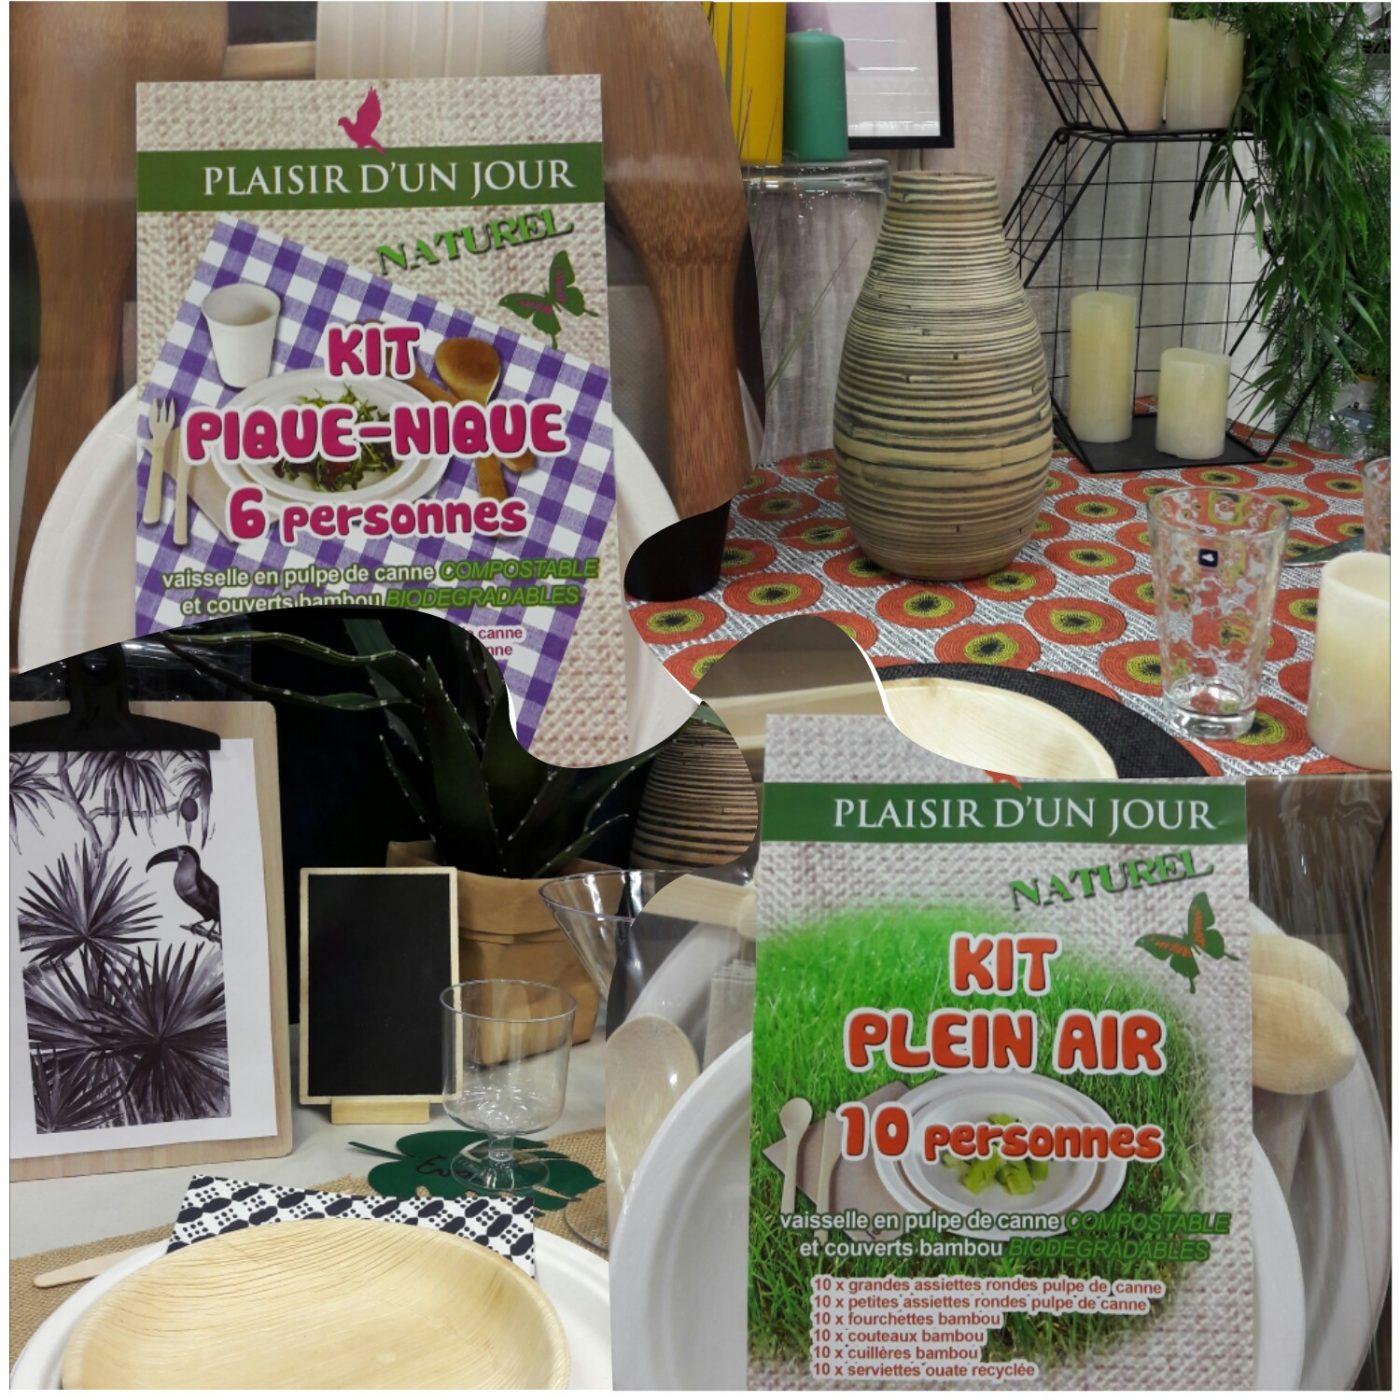 J'ai testé pour vous kit Plein Air, 10 ou 6 personnes (vaisselle en pulpe de canne) compostable et couverts bambou